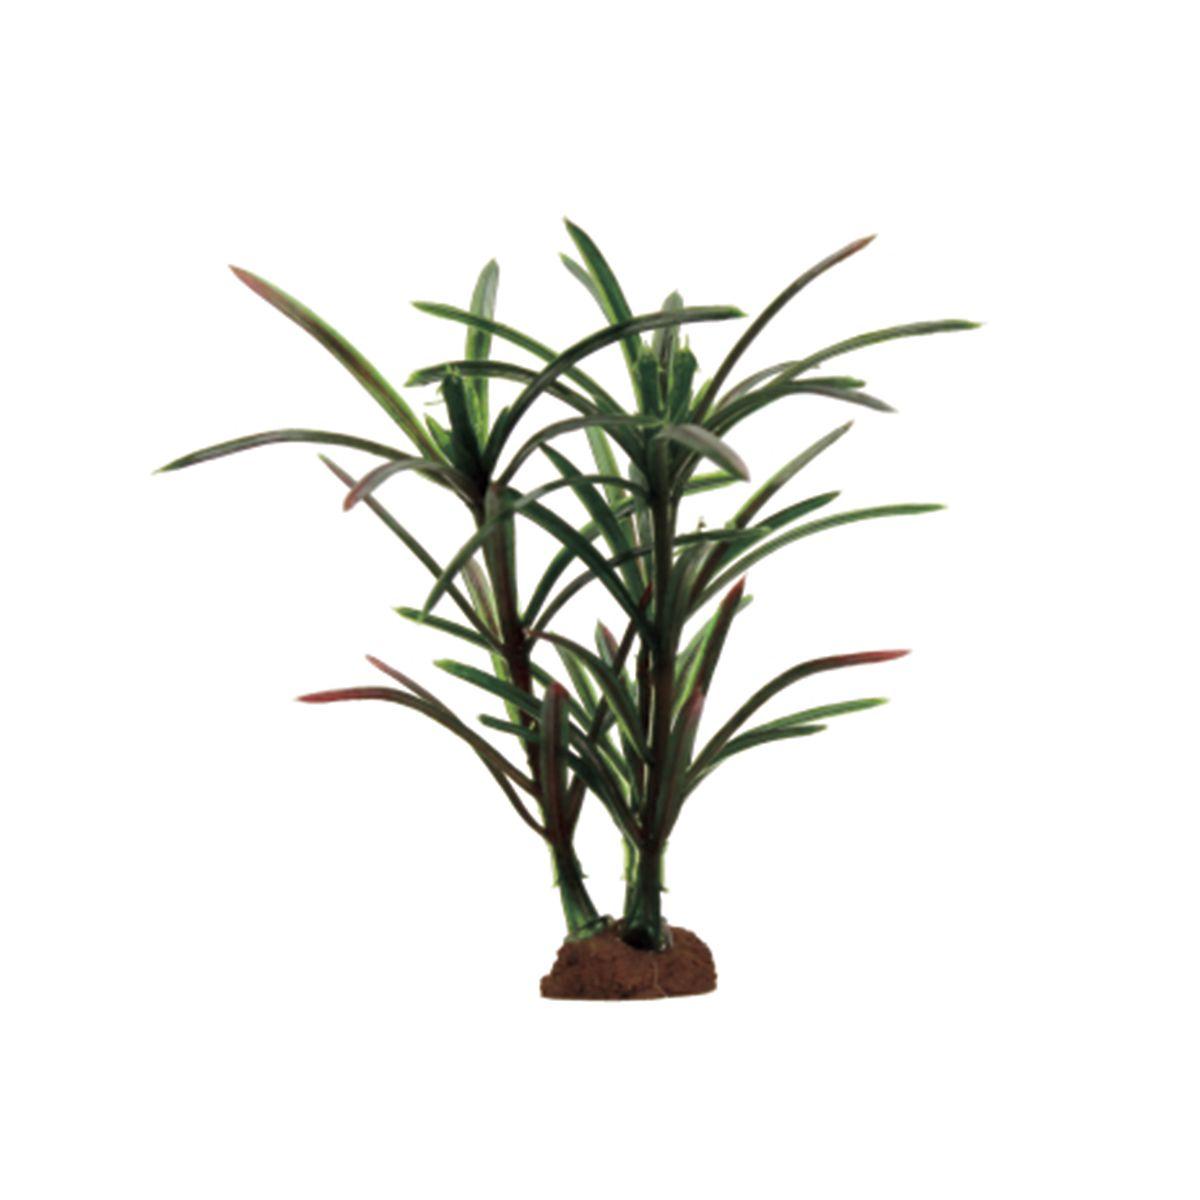 Растение для аквариума ArtUniq Эустералис, высота 10 см, 6 штART-1170534Растение для аквариума ArtUniq Эустералис, высота 10 см, 6 шт